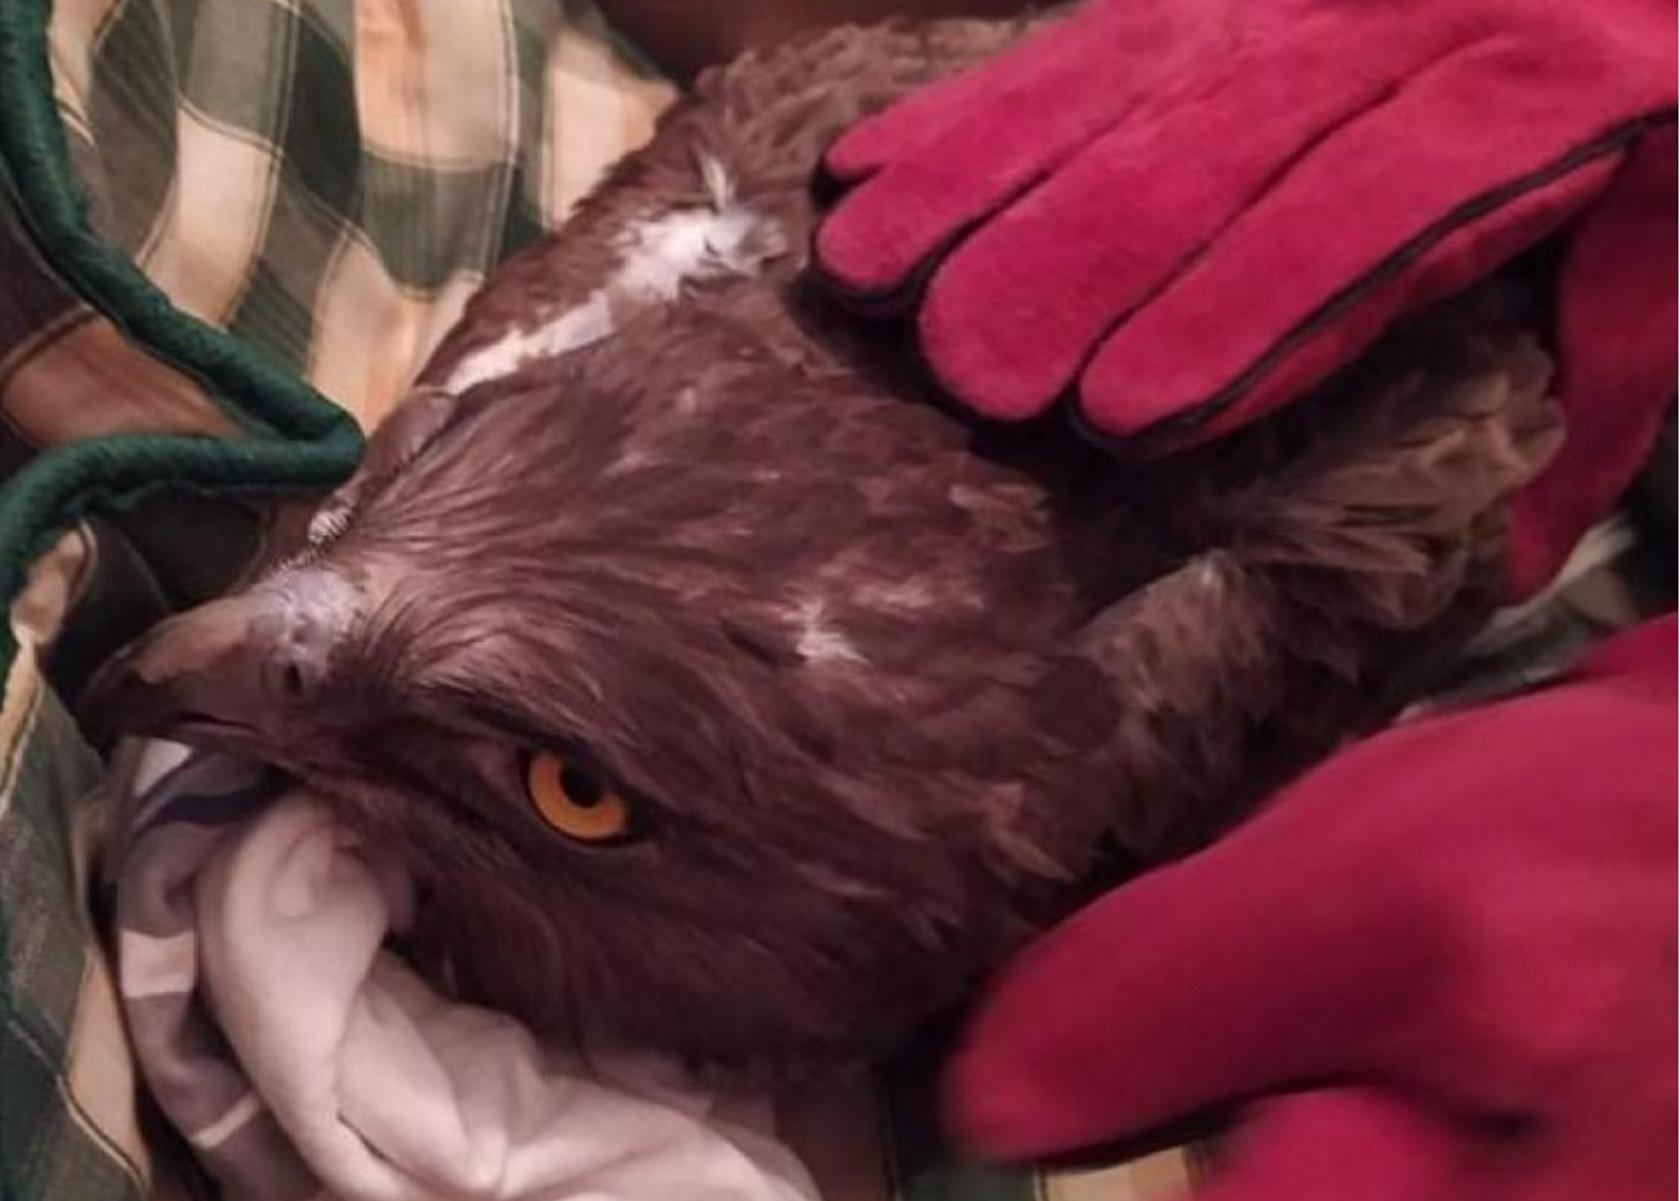 Μυτιλήνη: Σπάνιος φιδαετός βρέθηκε πληγωμένος – Καρέ καρέ η διάσωση του αρπακτικού (pics)